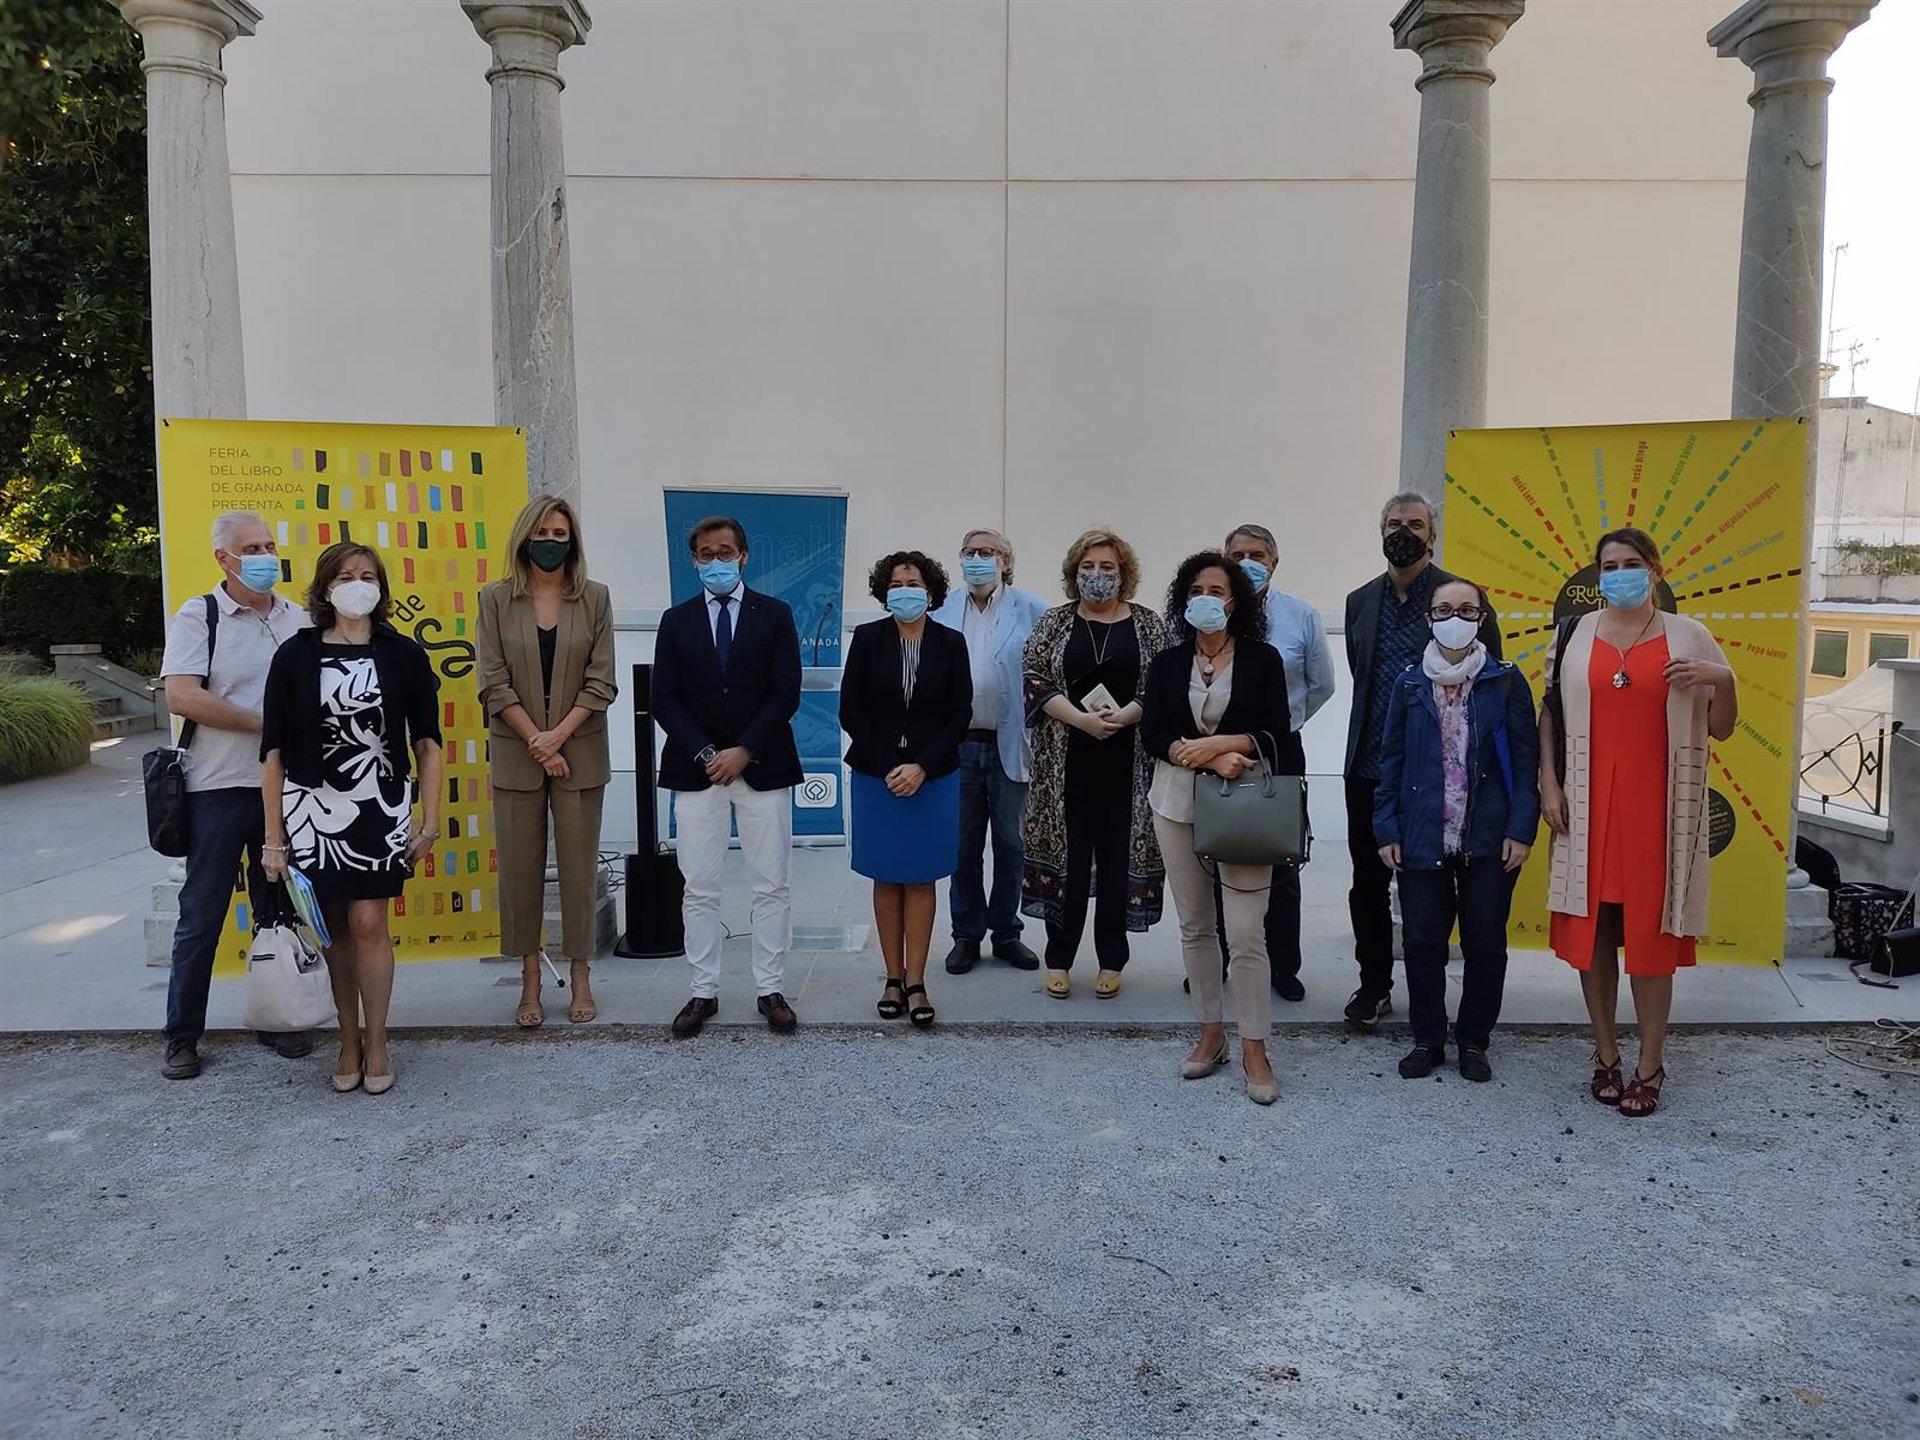 'Los libros toman la ciudad', campaña de la Feria del Libro para apoyar el sector